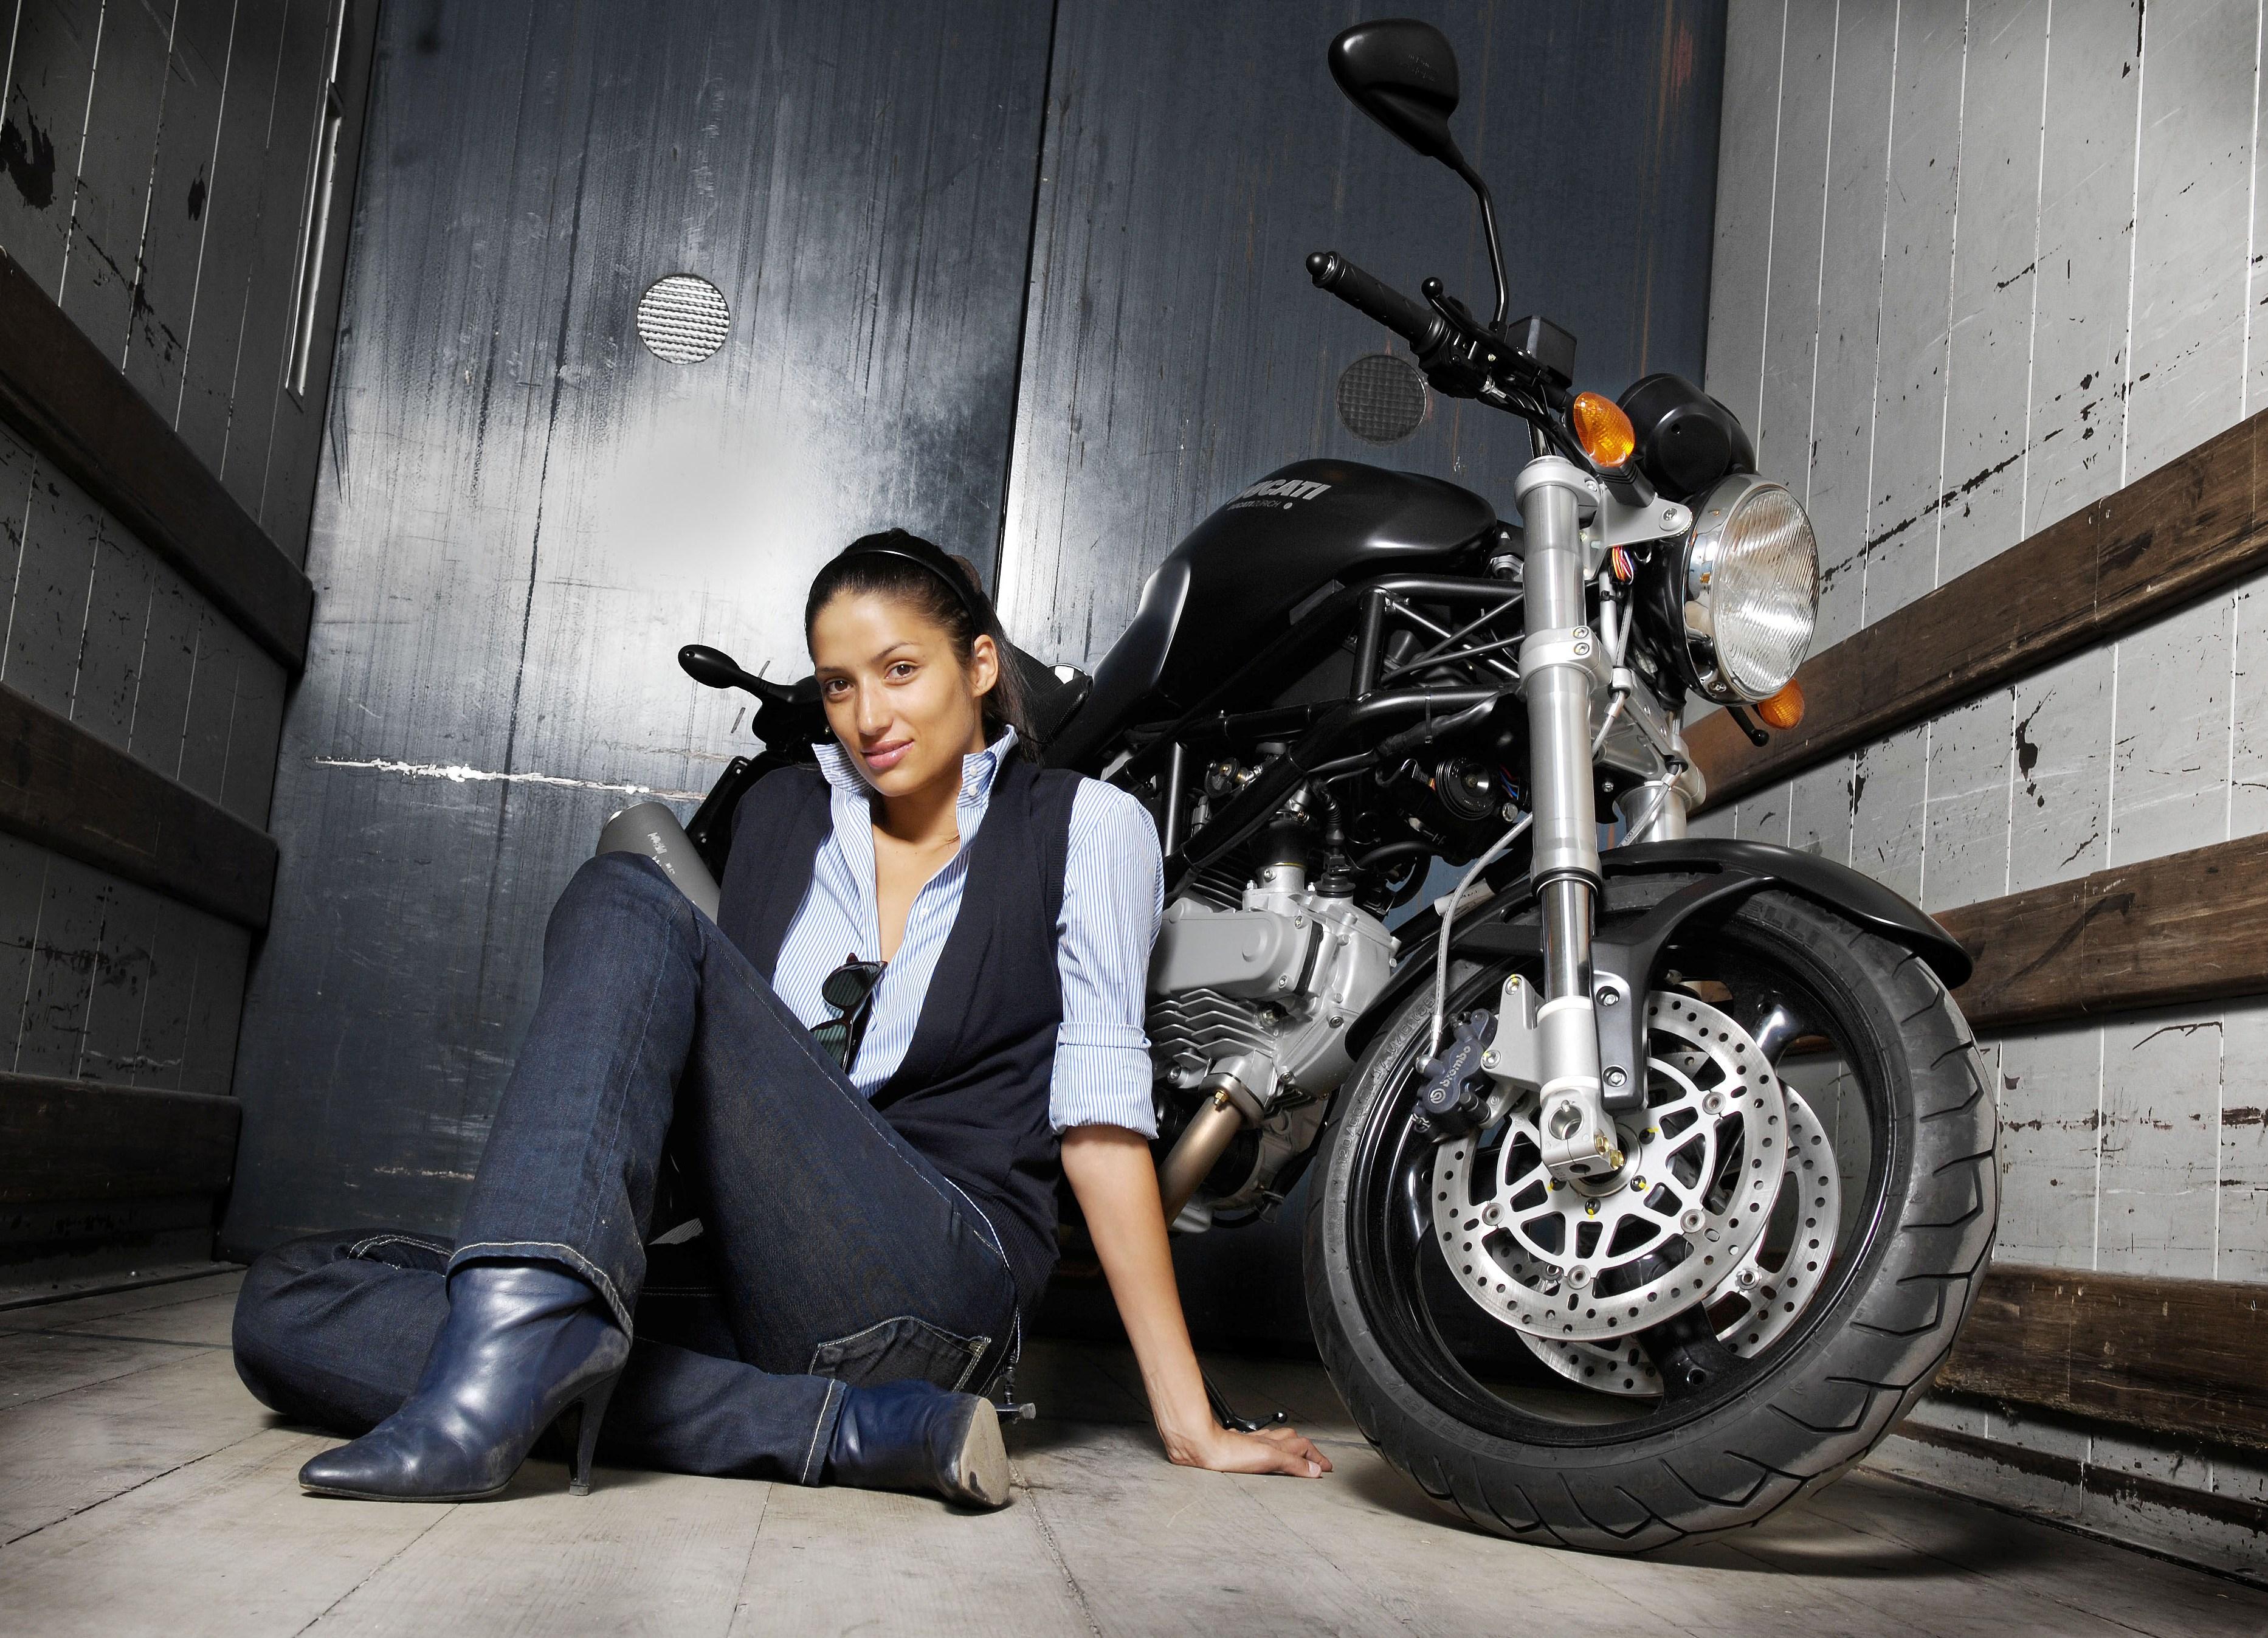 профессиональные фото на мотоцикле